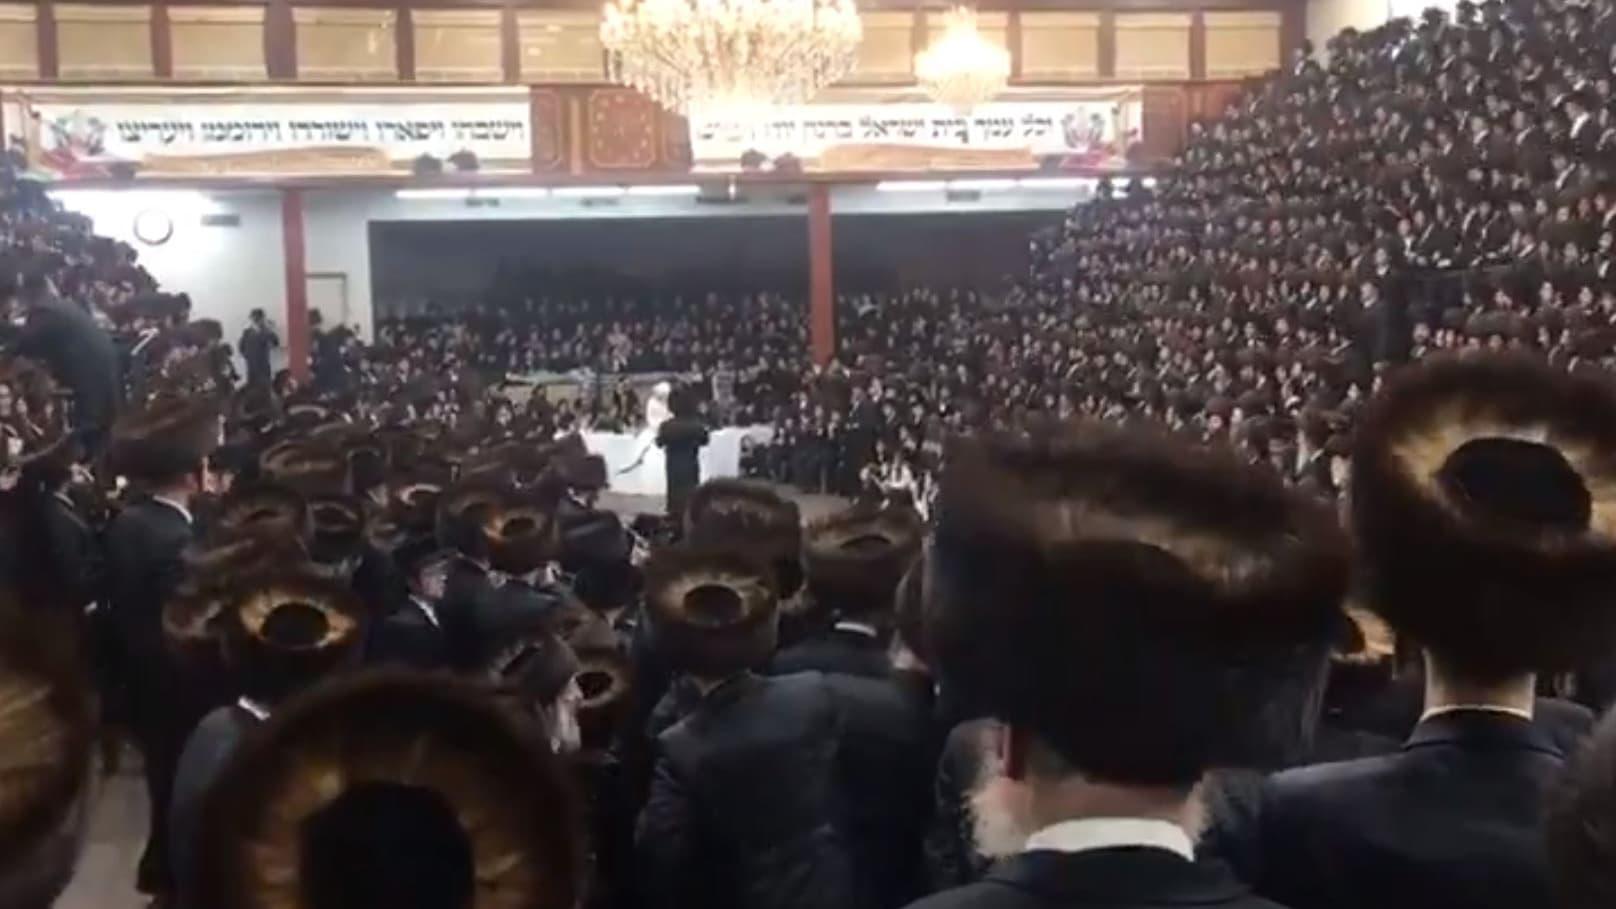 Covid-19: un mariage juif hassidique réunit en secret des milliers de personnes à New York